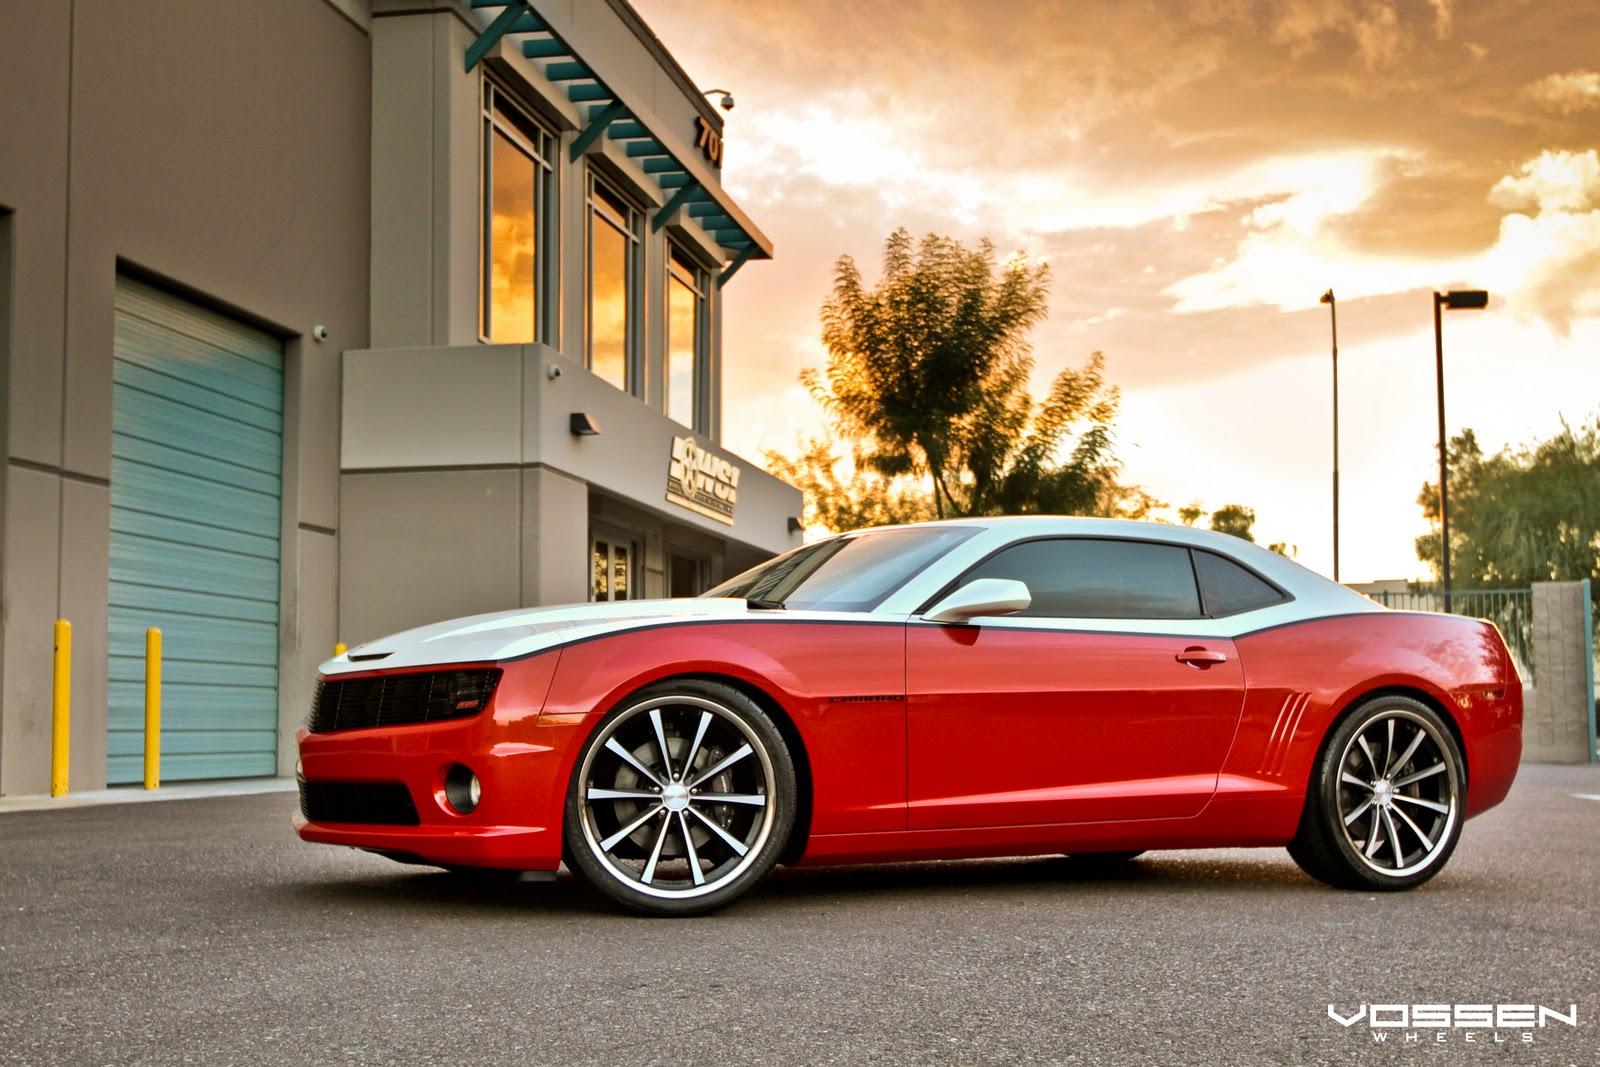 http://1.bp.blogspot.com/_v5h2qxDB1io/TTv48YdIjAI/AAAAAAAABgw/yRNqJb6m1wo/s1600/Chevrolet%20Camaro%20SS.jpg